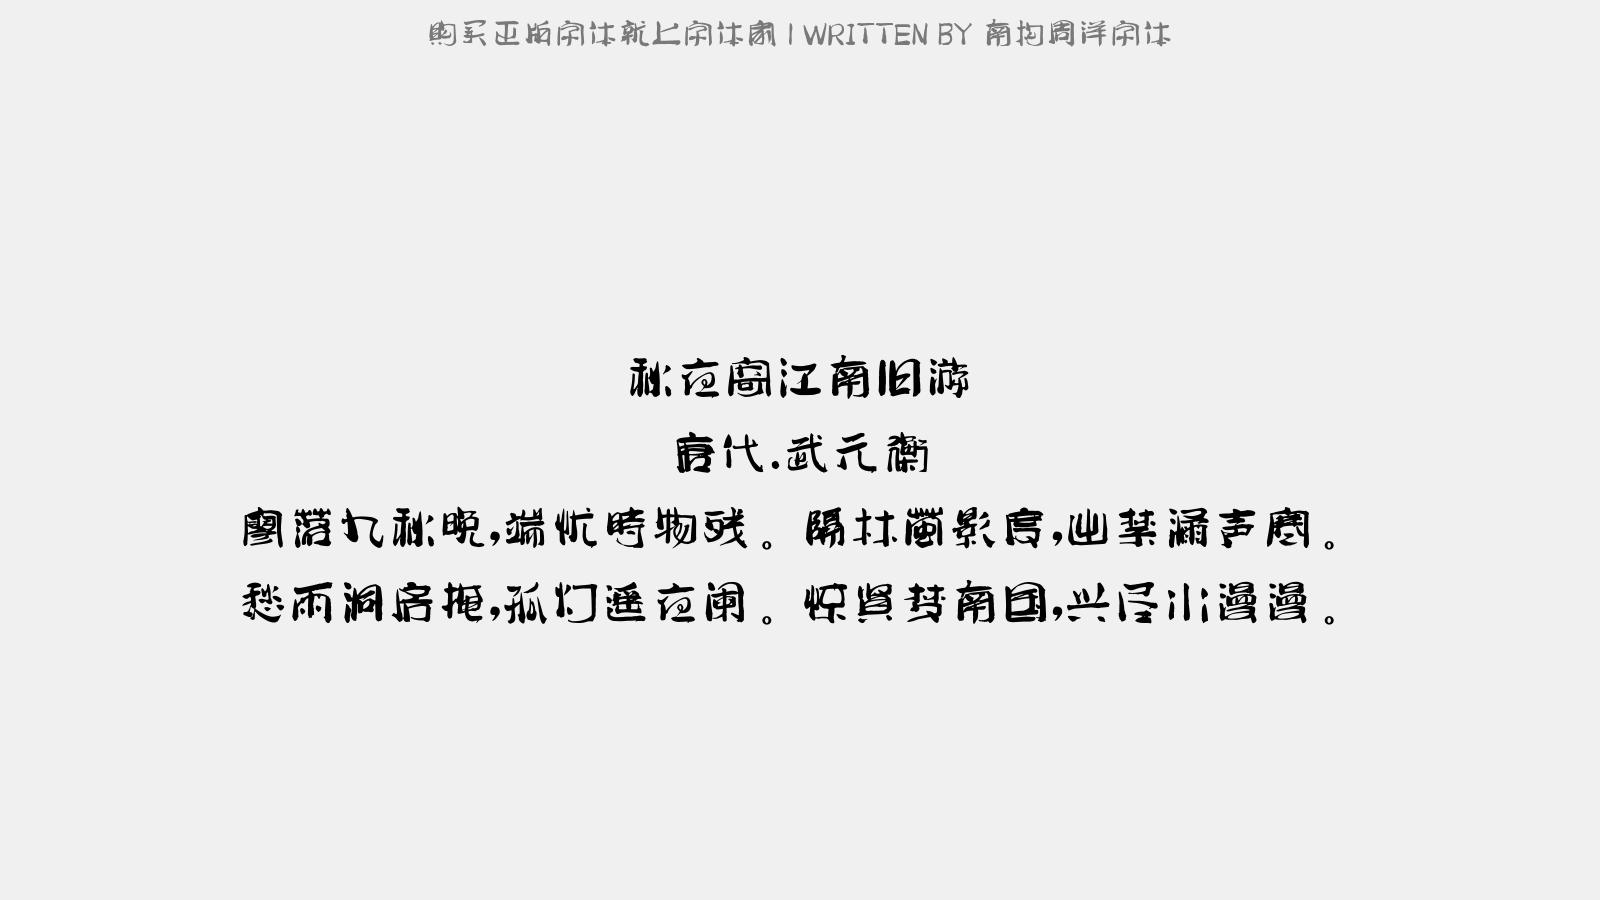 倉耳章魚小丸子體 - 臨江仙(離果州作)